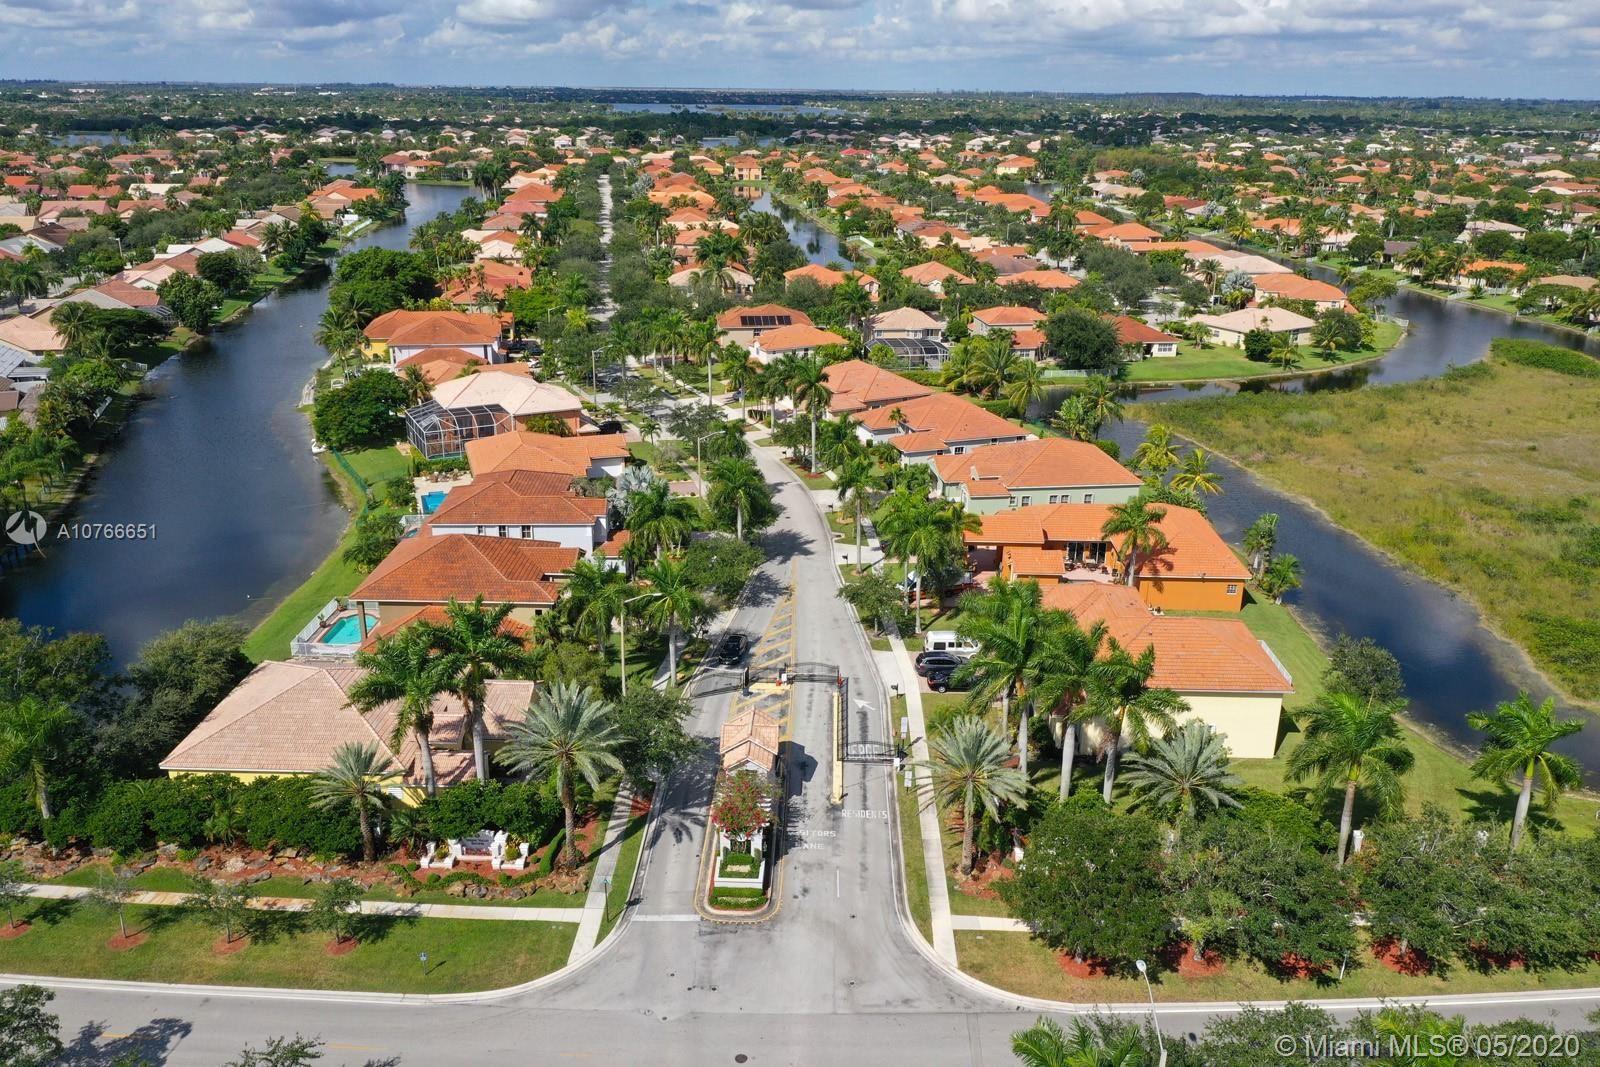 16370 NW 12th St, Pembroke Pines, FL 33028 - MLS#: A10766651